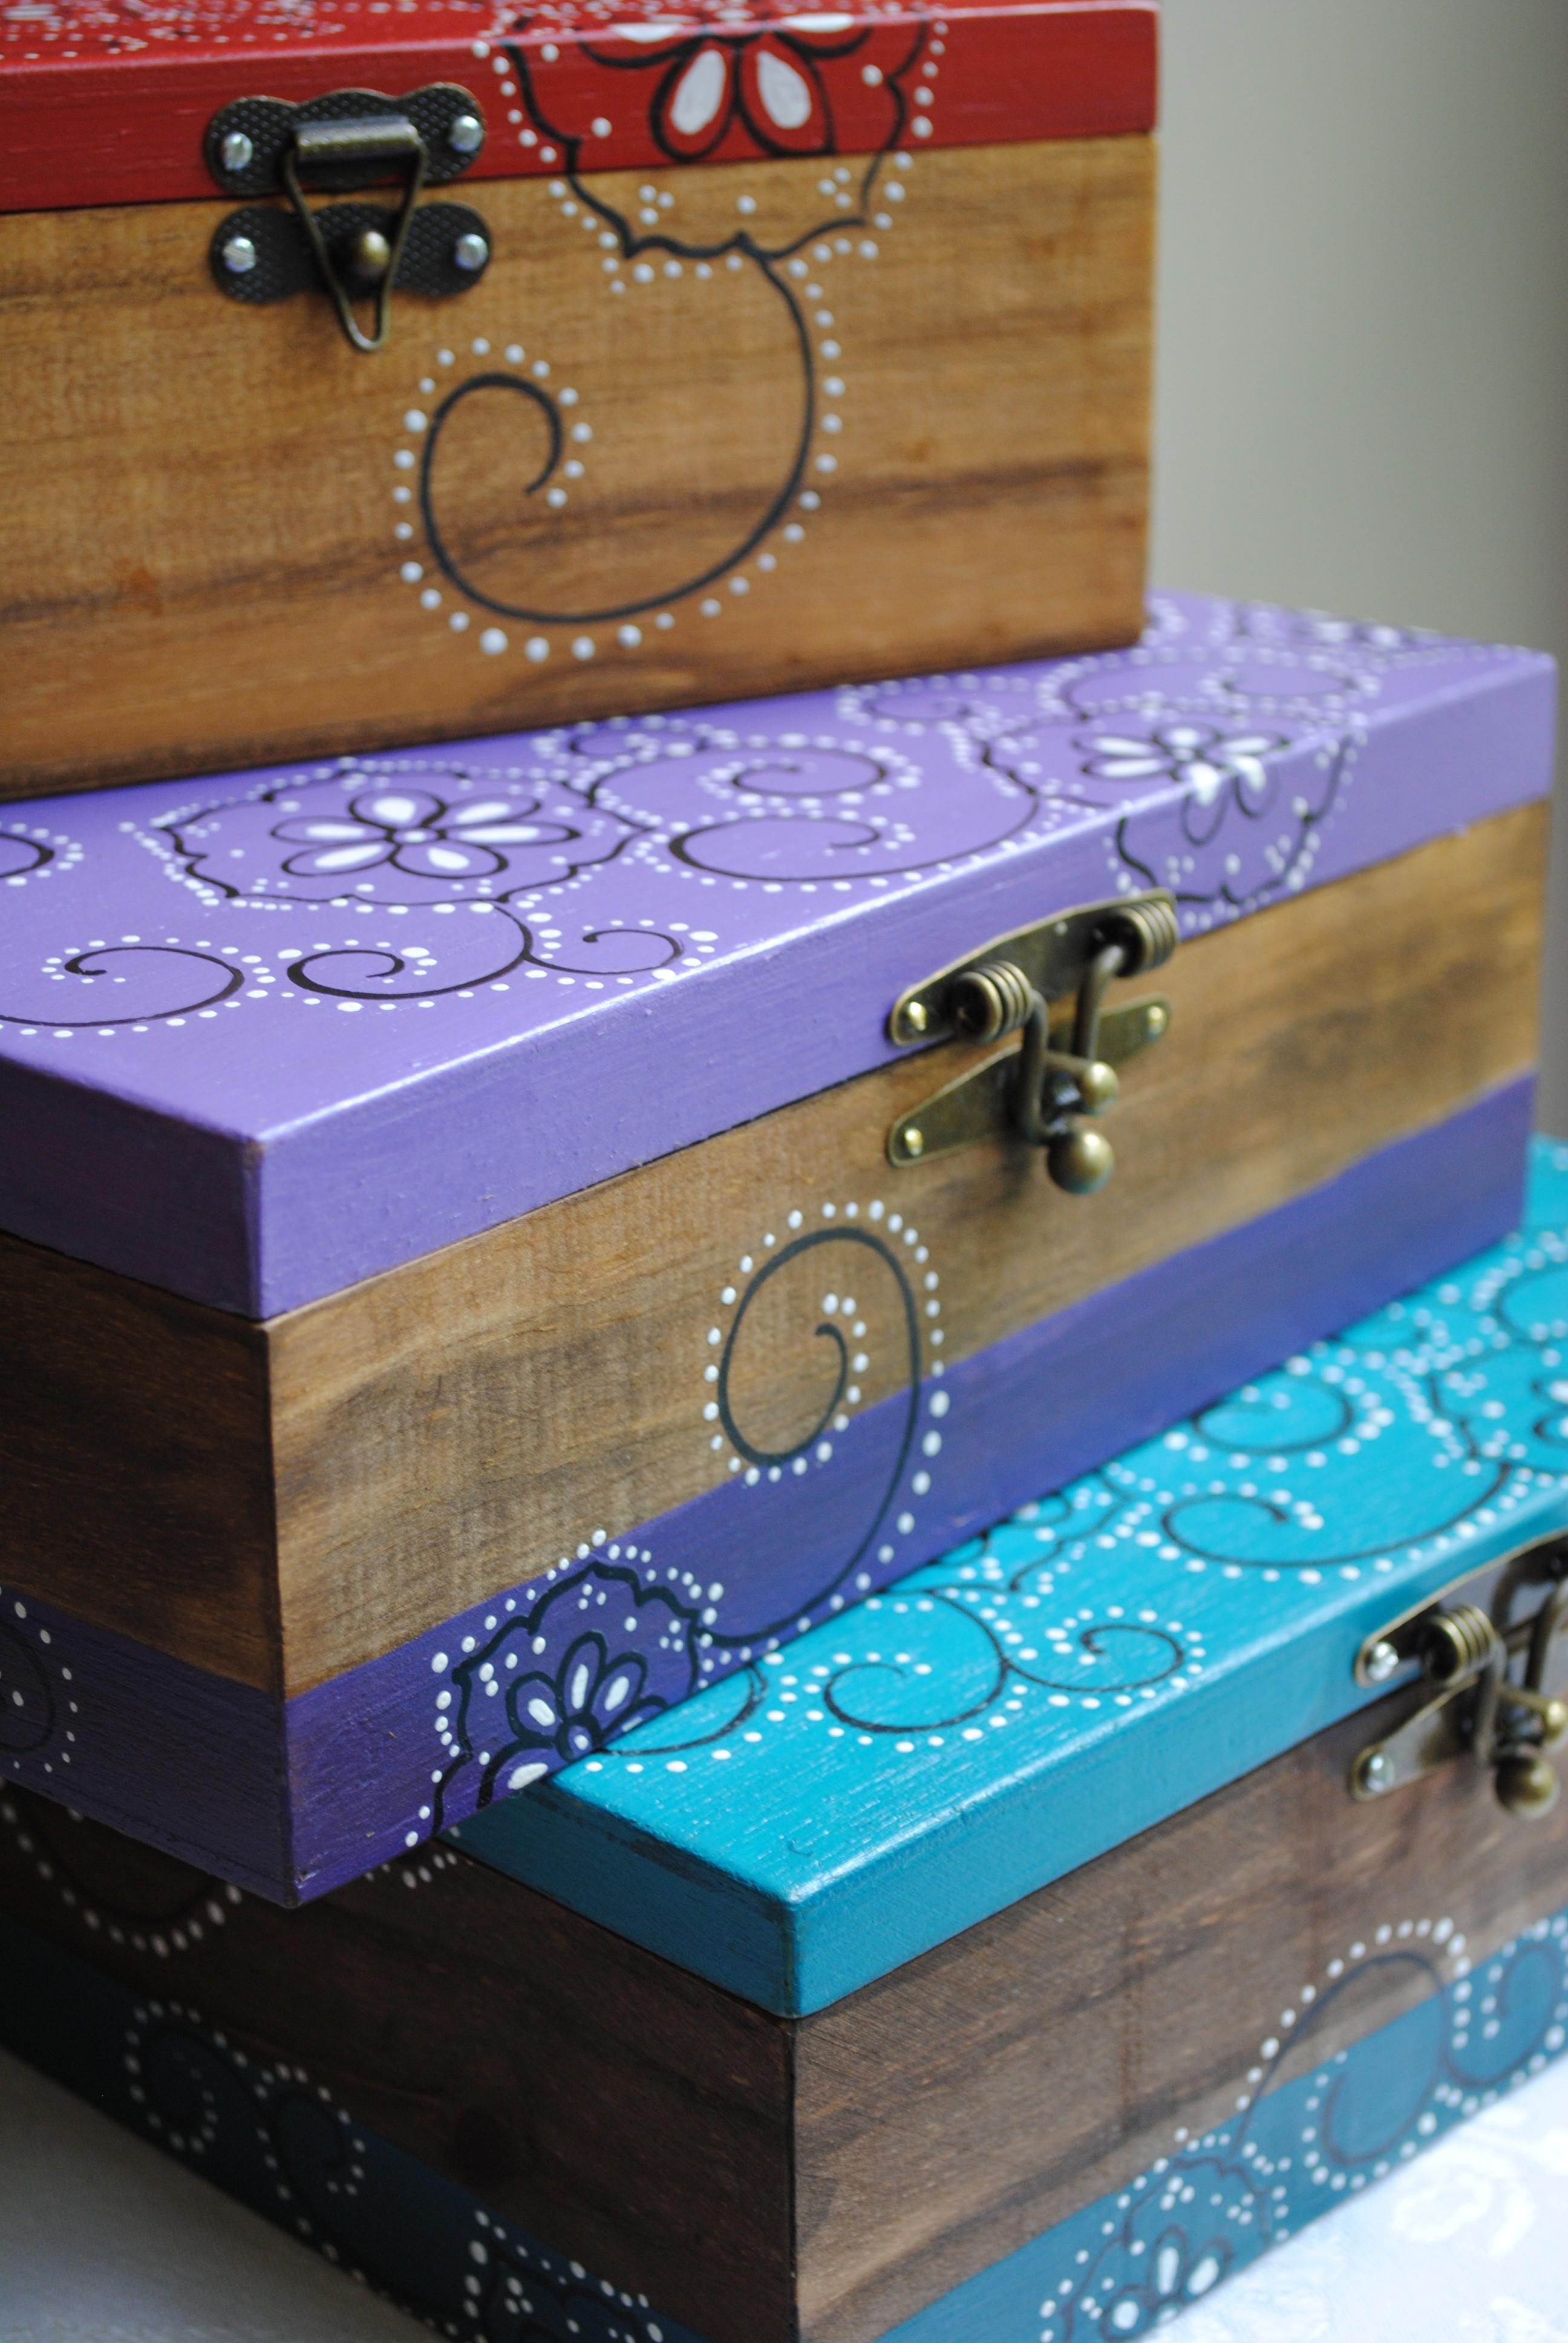 Ordem – Caixas e mais caixas de madeira Arte Amiga #1A97B1 2592x3872